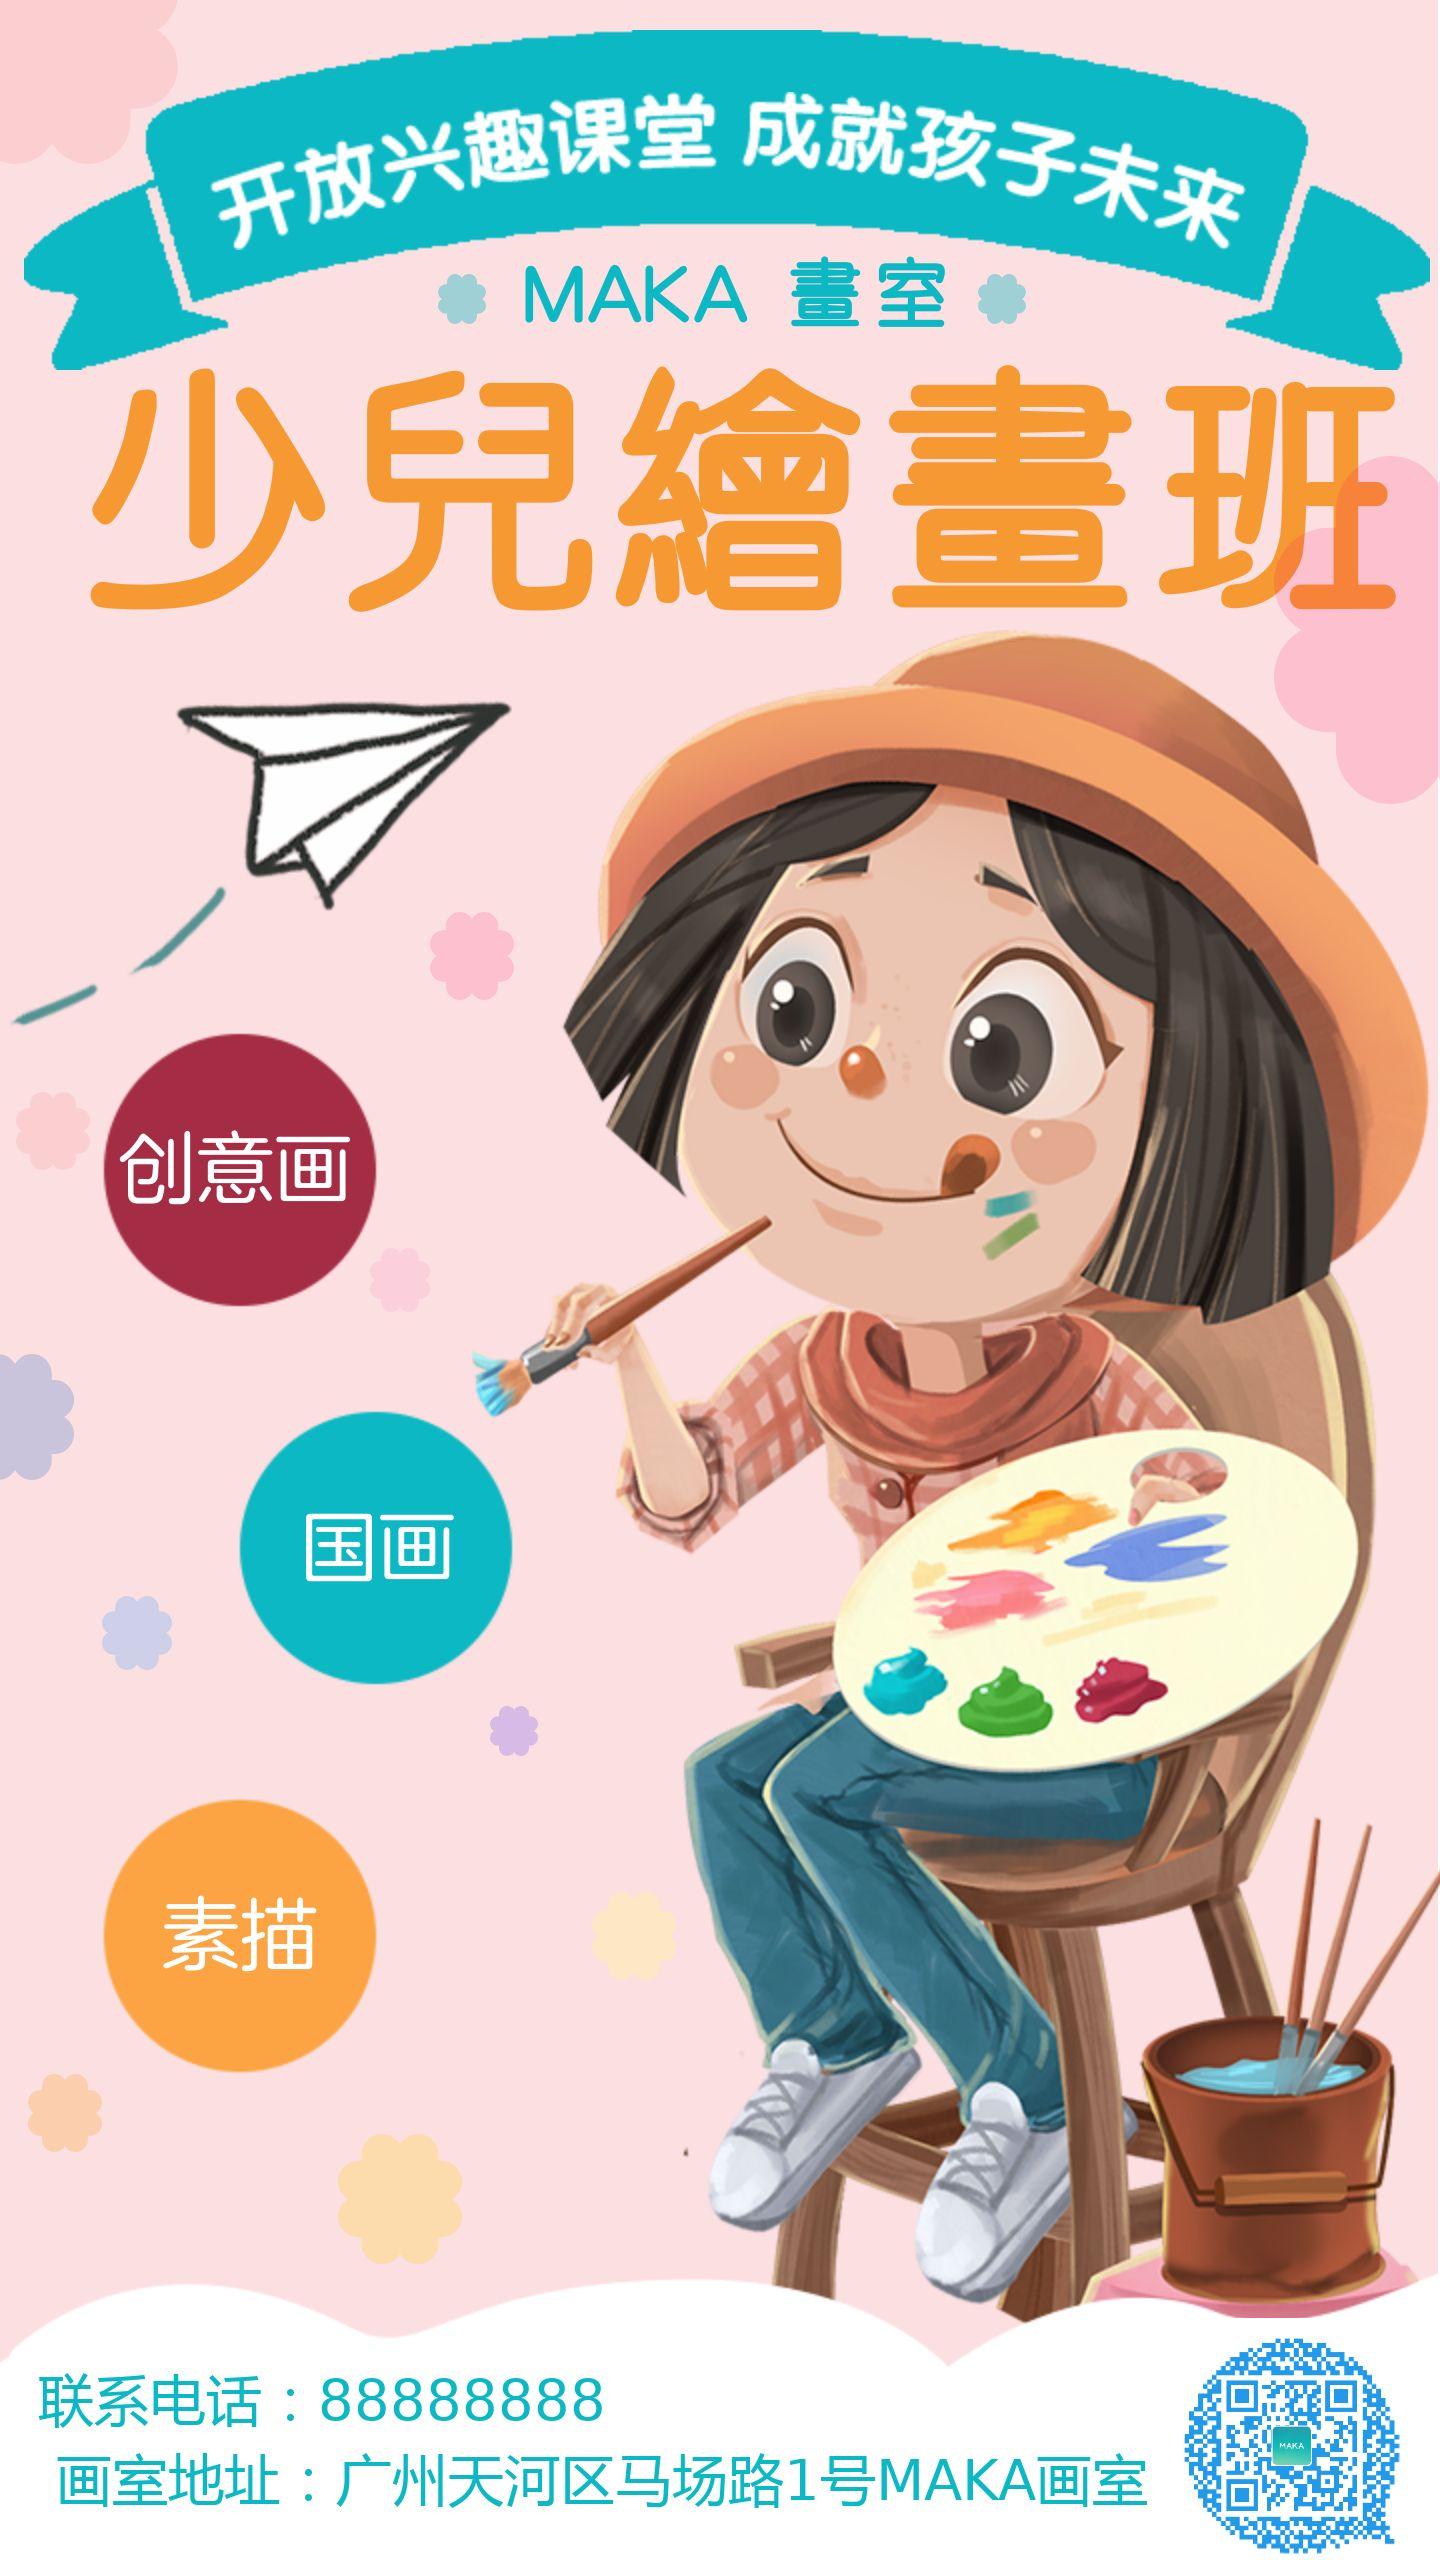 美术培训班卡通插画风画室招生宣传